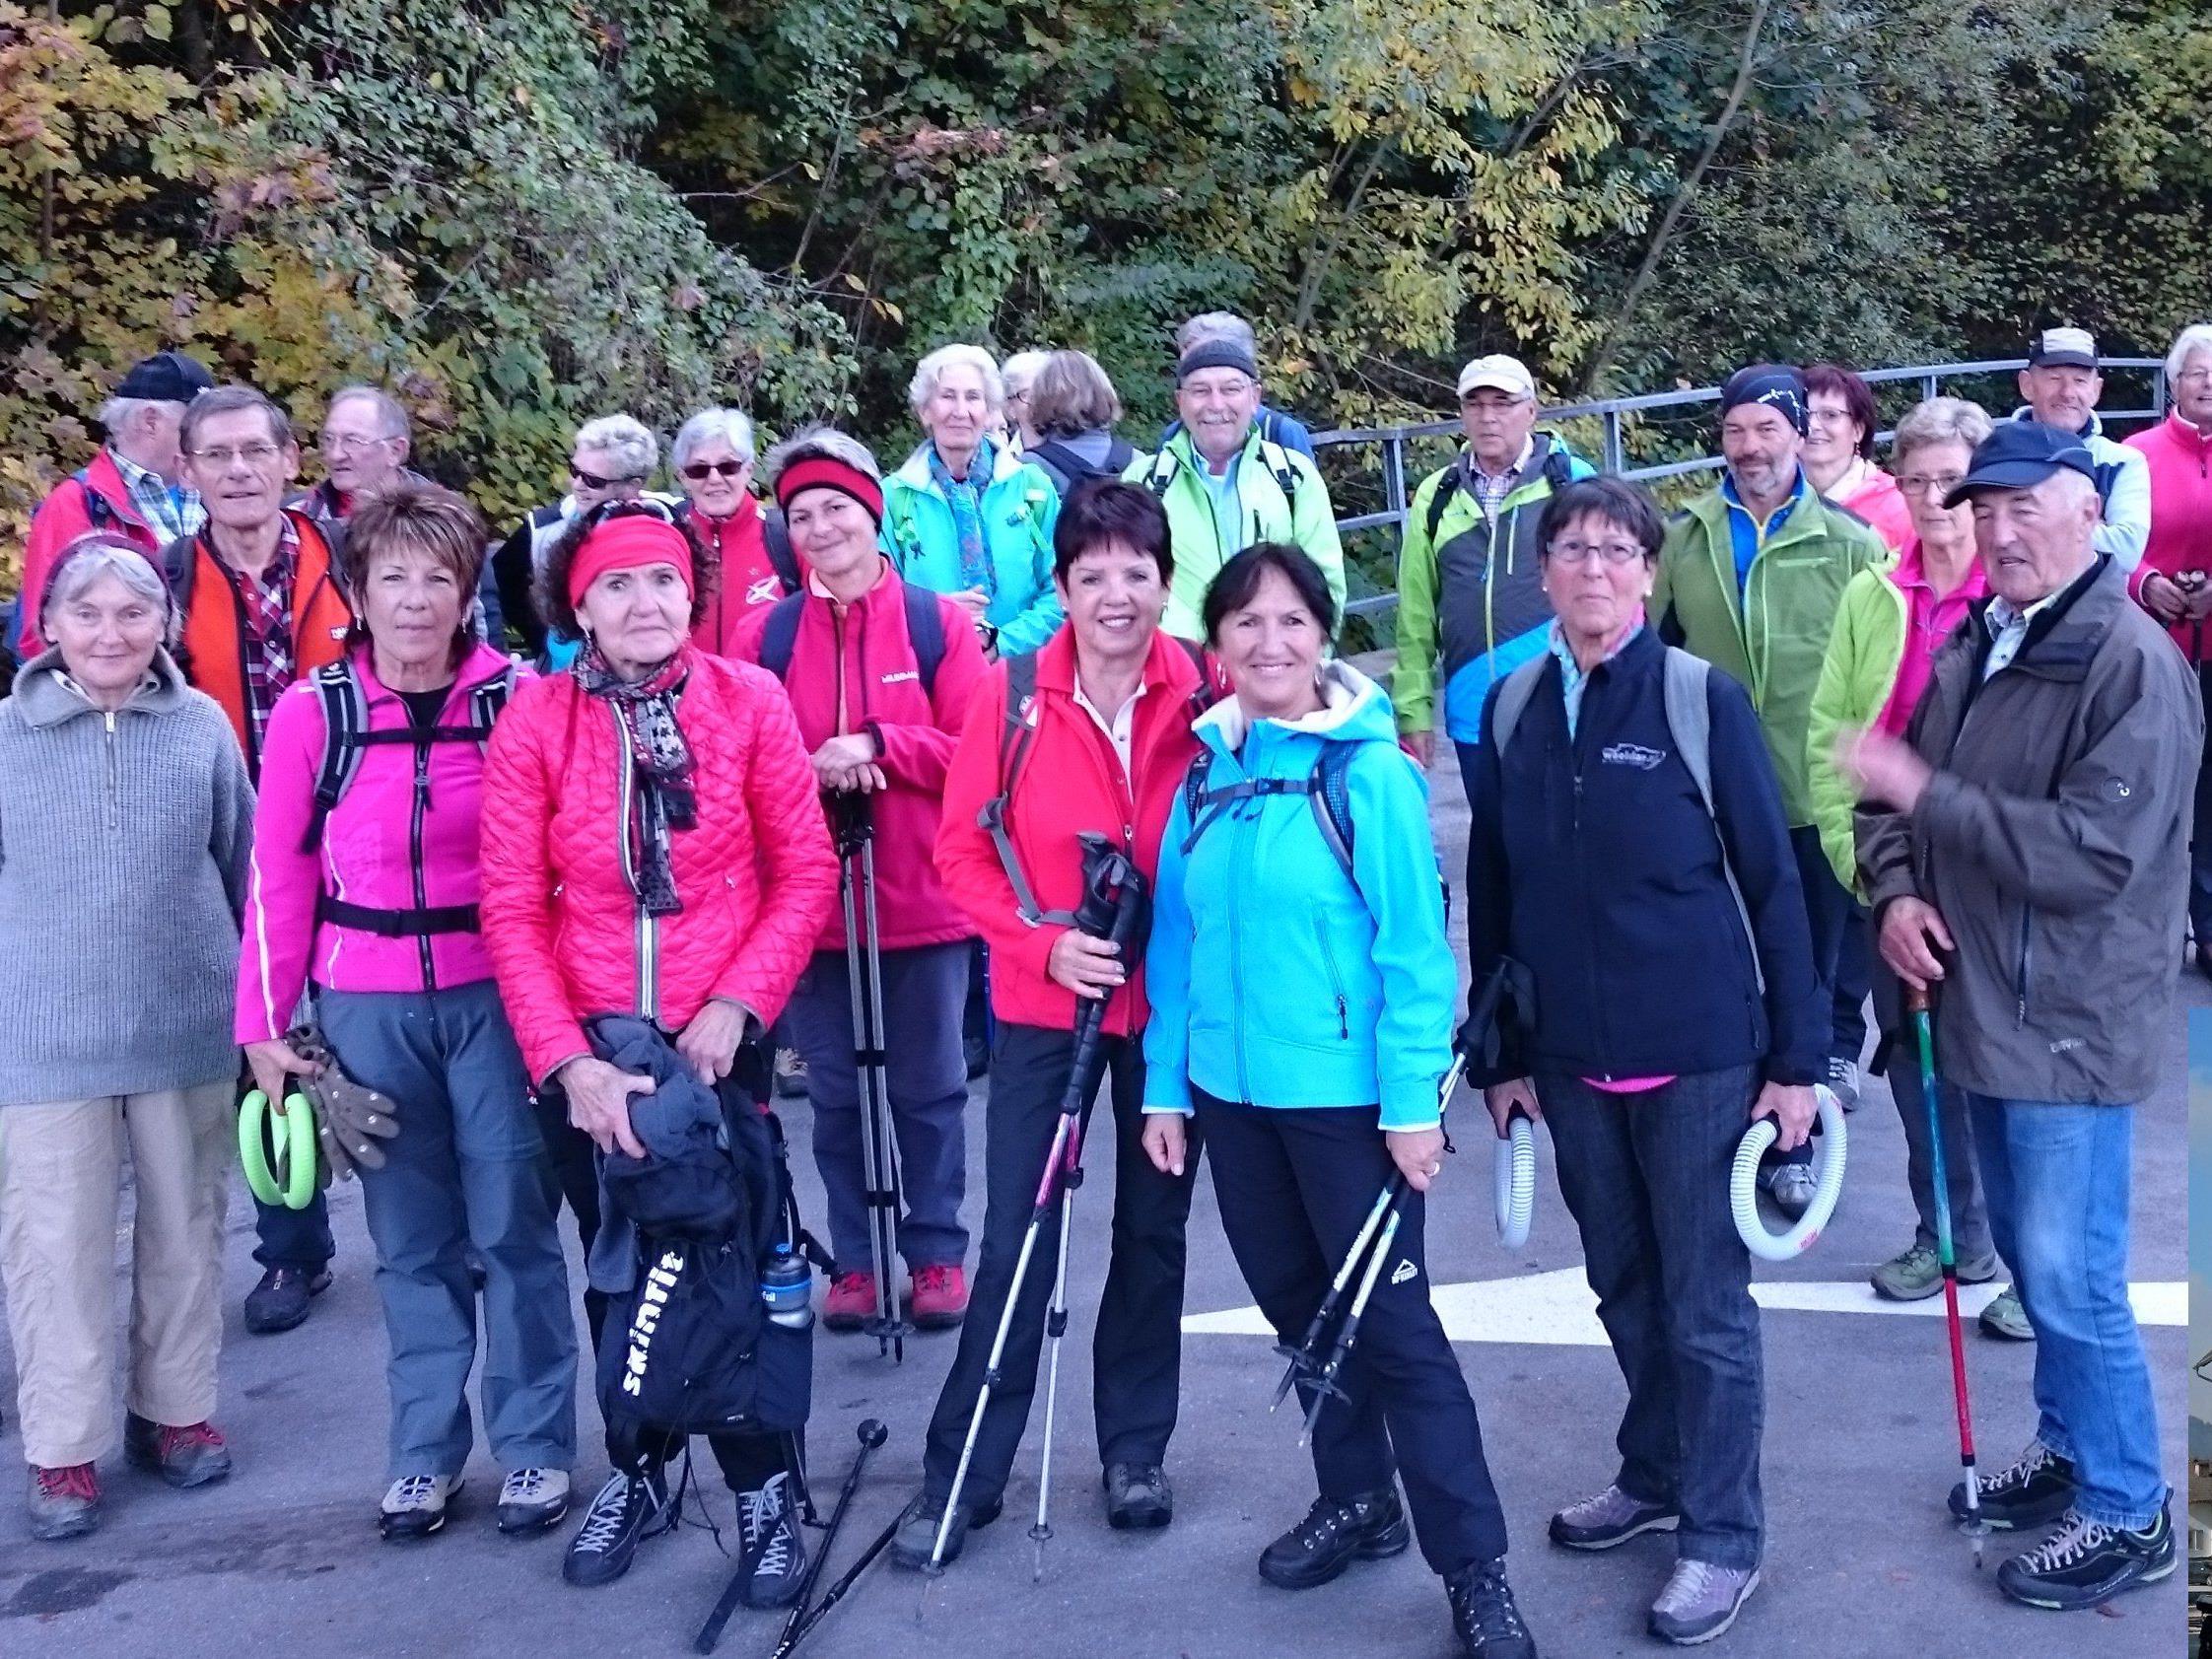 Radteam per pedales auf Wanderschaft in Götzis